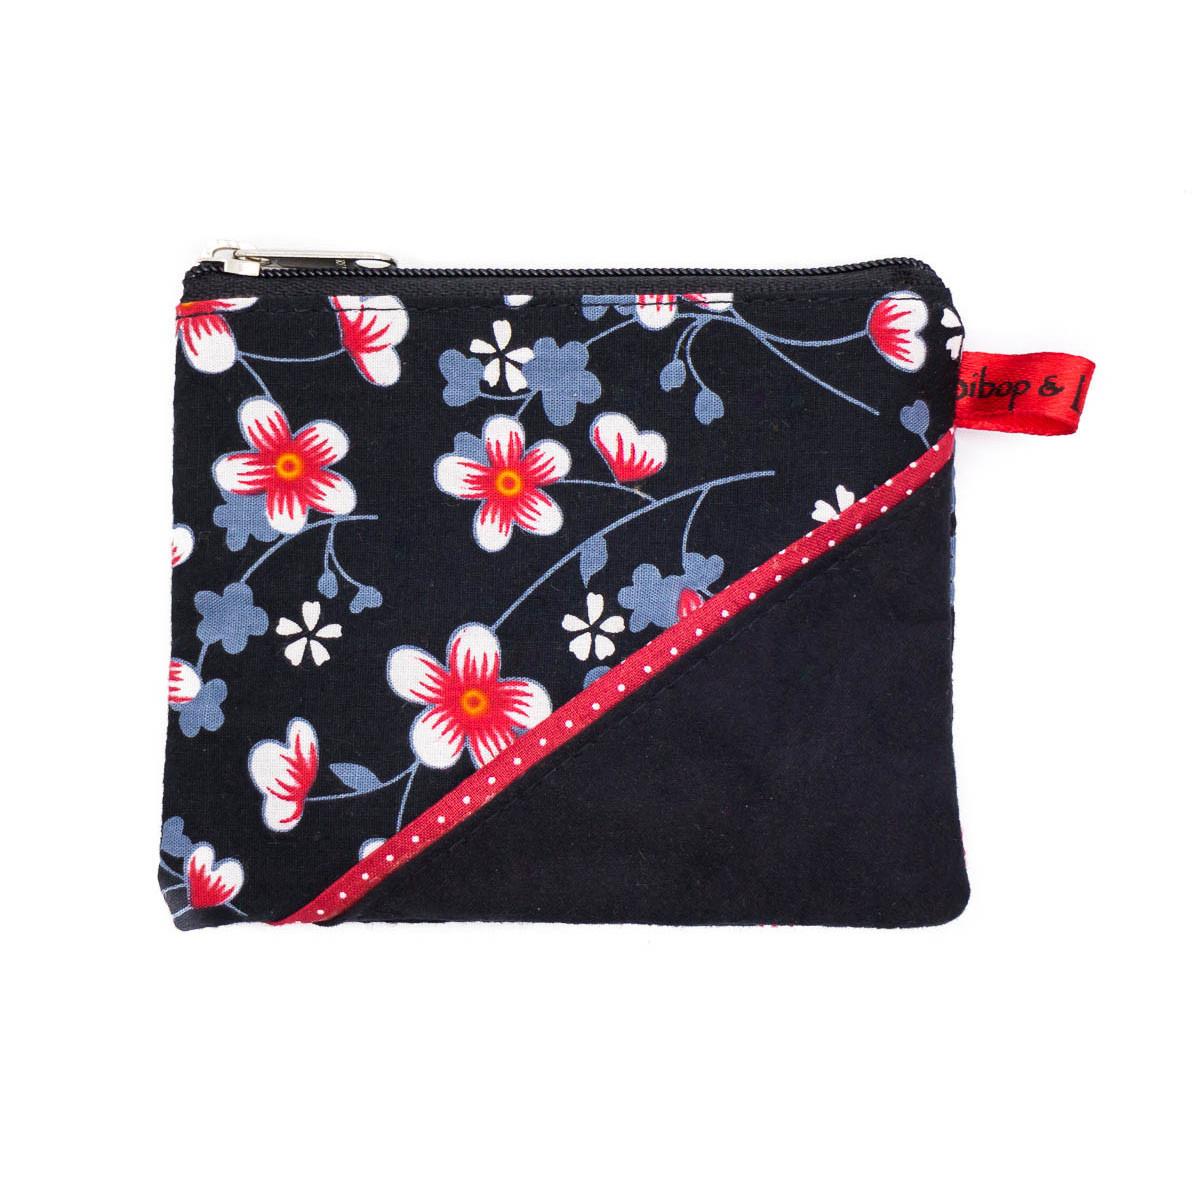 Petit porte-monnaie zippé noir et fleurs de cerisiers